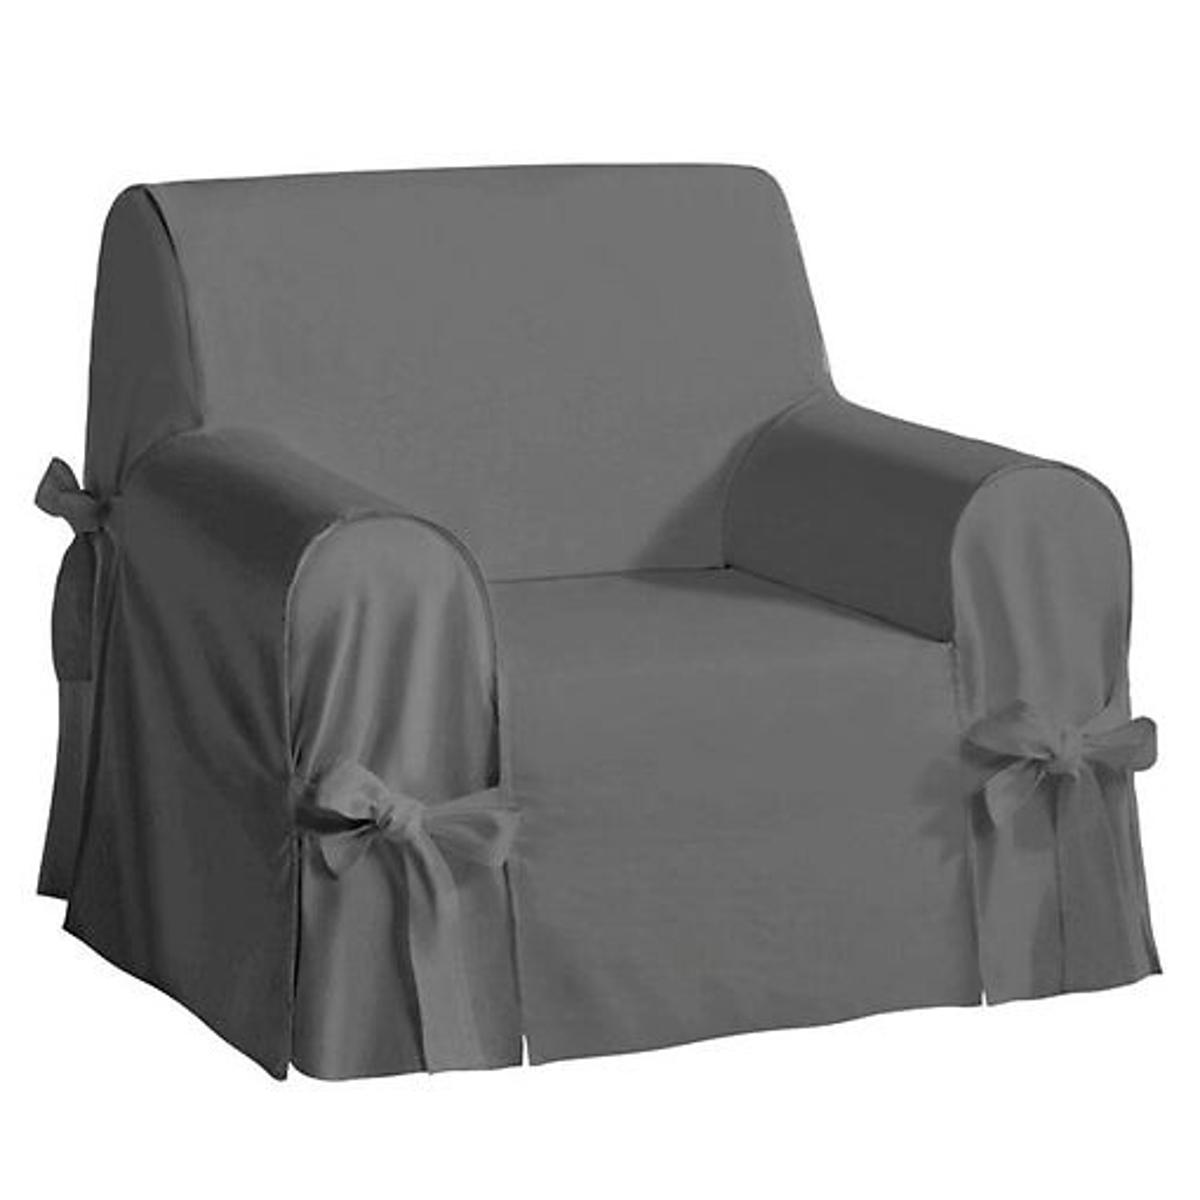 Чехол LaRedoute Для кресла из льна и хлопка JIMI единый размер серый